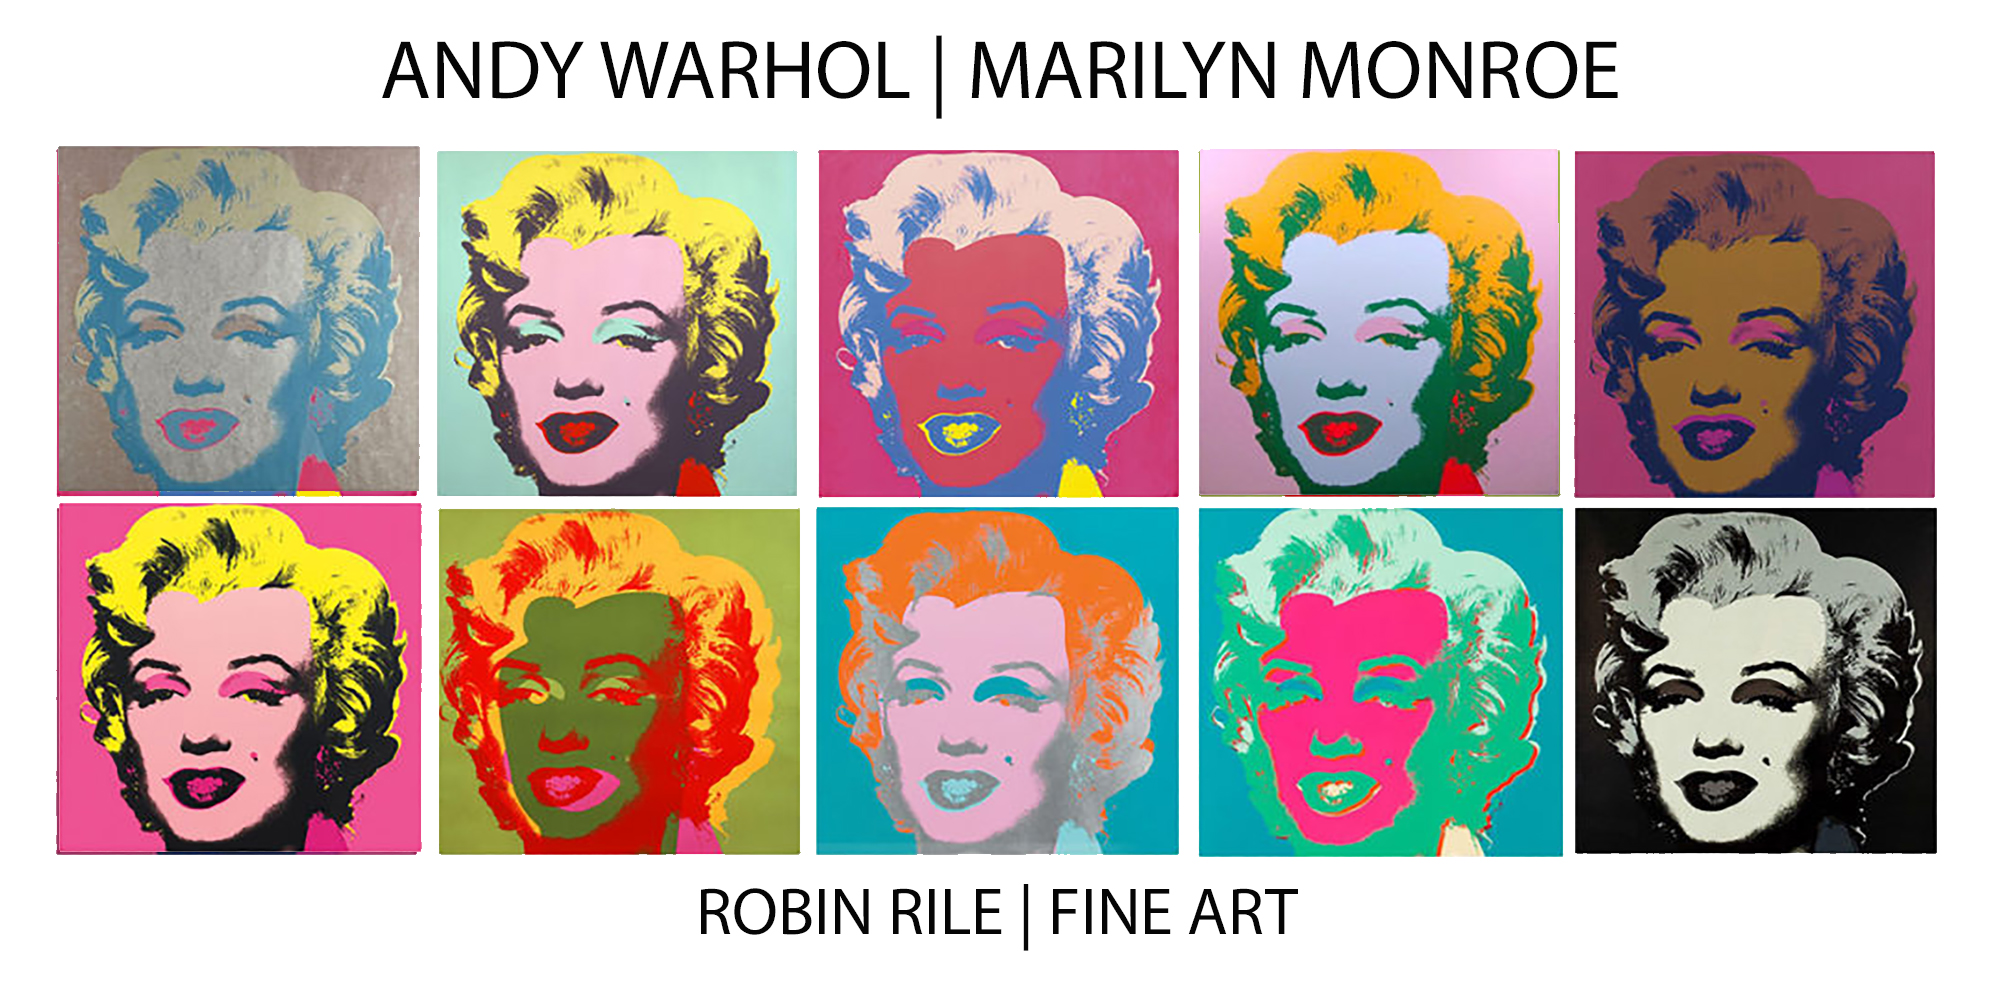 Andy Warhol Marilyn Monroe Portfolio